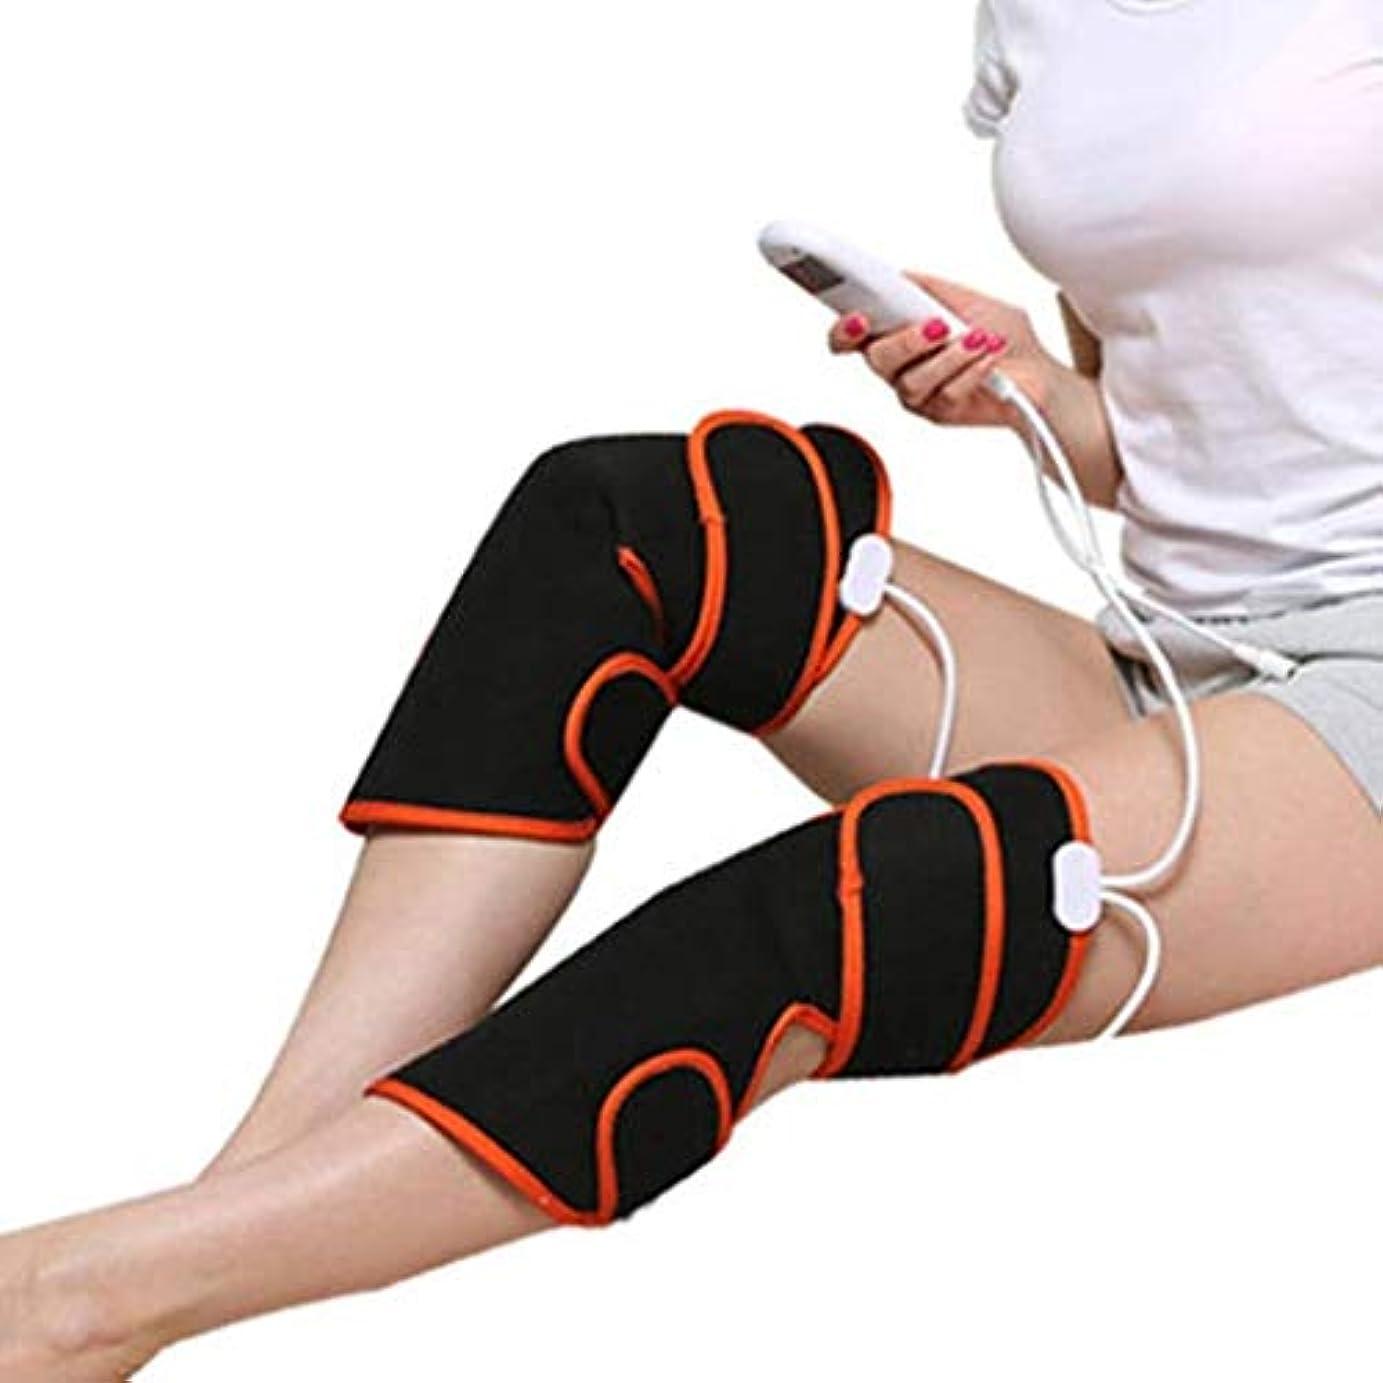 サイレント経営者モーション暖房付き膝マッサージャー、電動バイブレーションマッサージャー、膝マッサージャーを定期的に加熱できます、筋肉の痛みを緩和するモード、9モード、冷たい脚、骨過形成患者、術後リハビリ